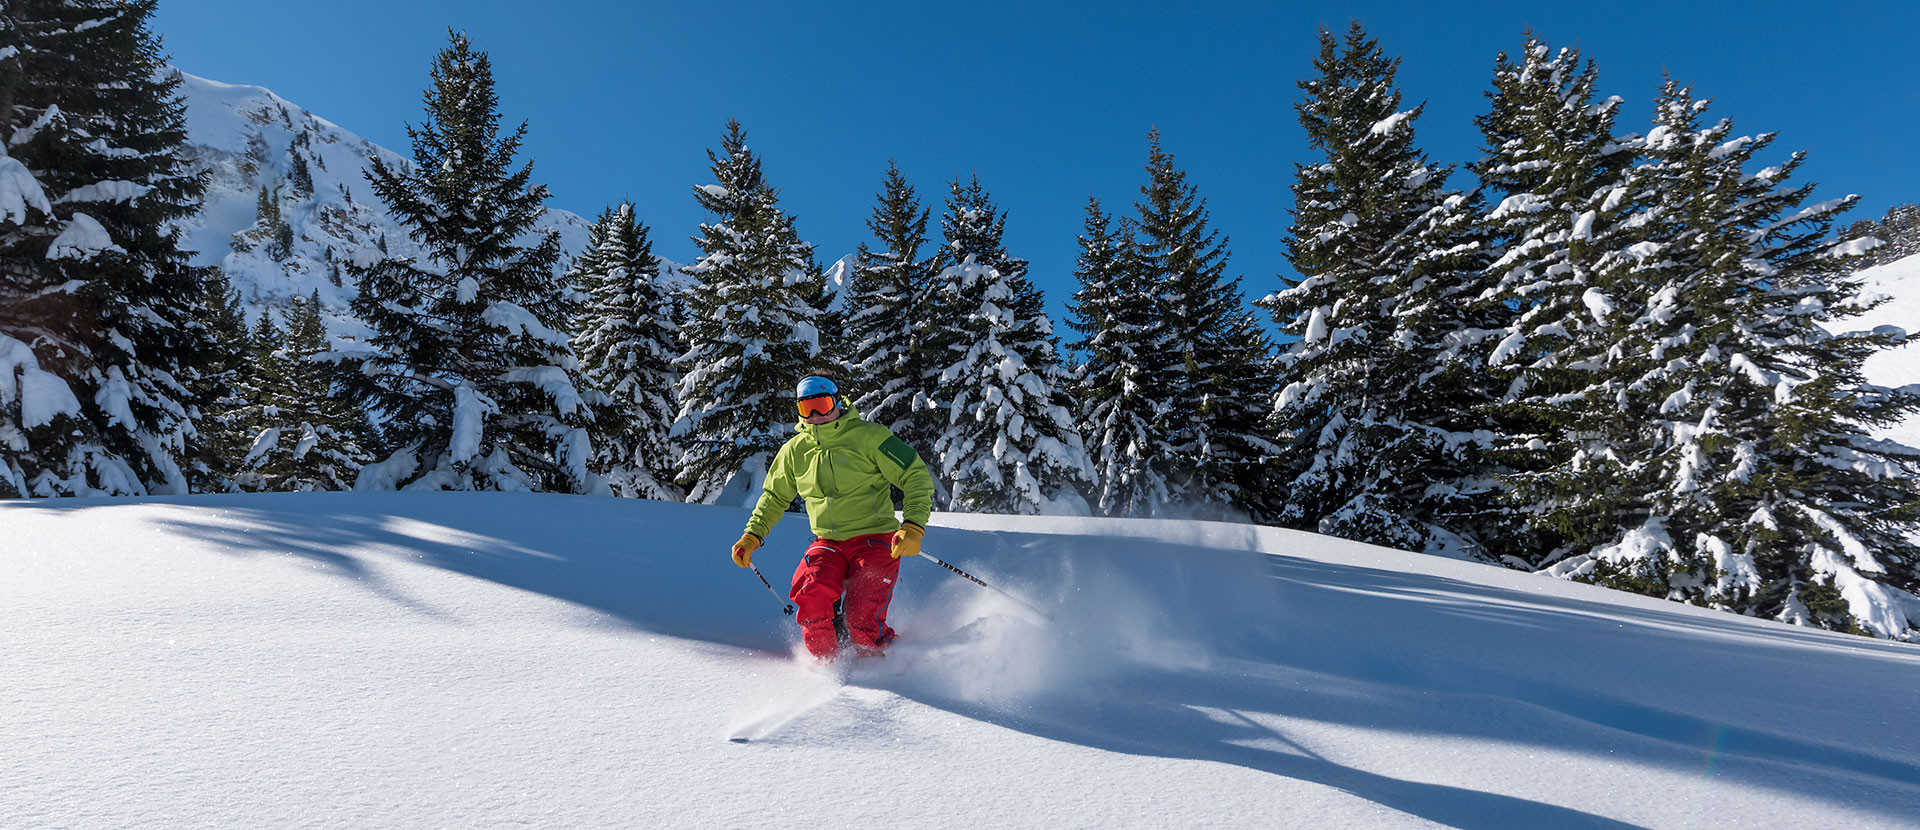 Ski grandeur nature